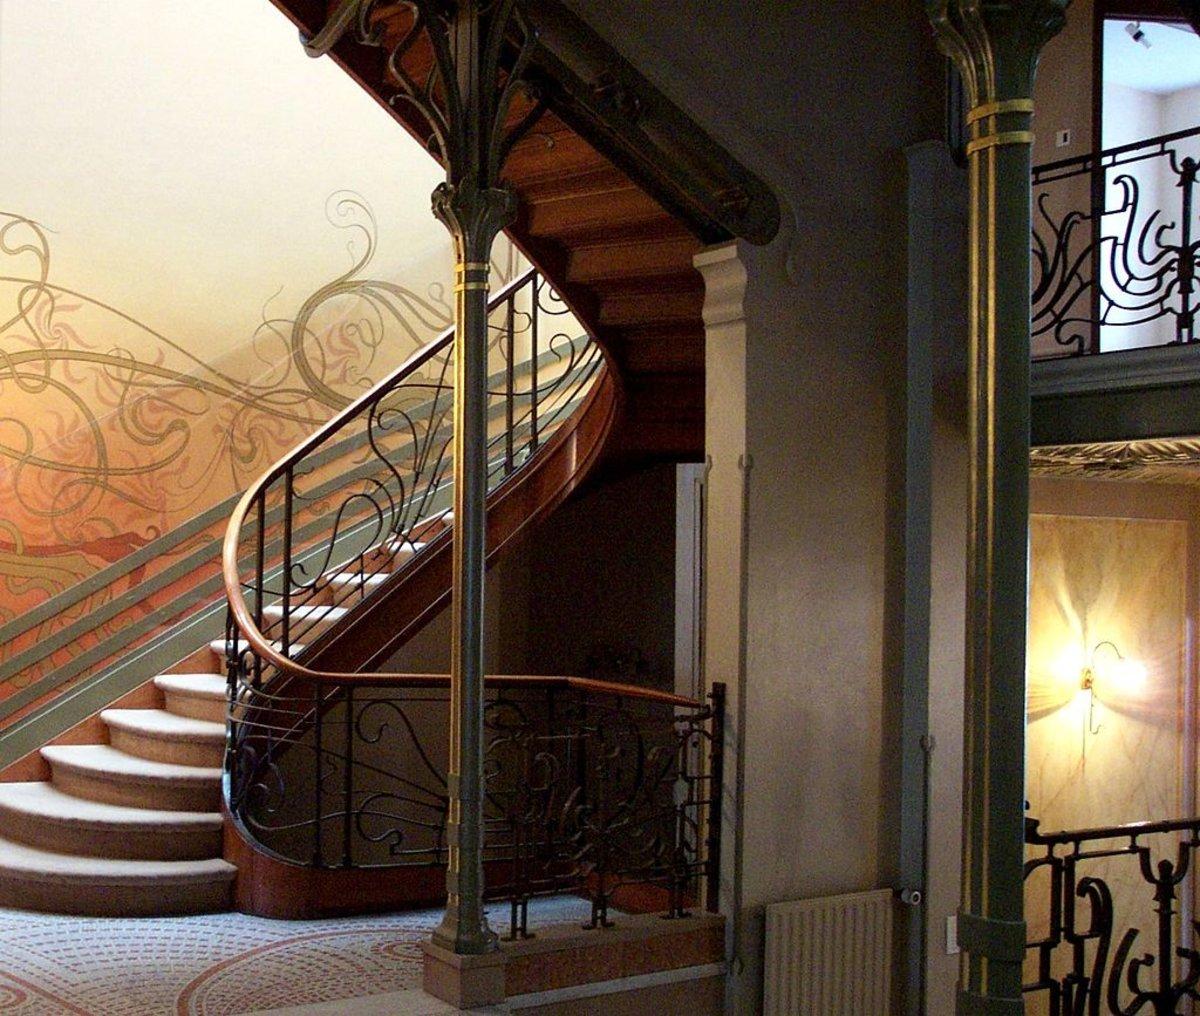 Architetti Famosi Antichi victor horta a bruxelles: 7 opere tra museo, hotel e palazzi